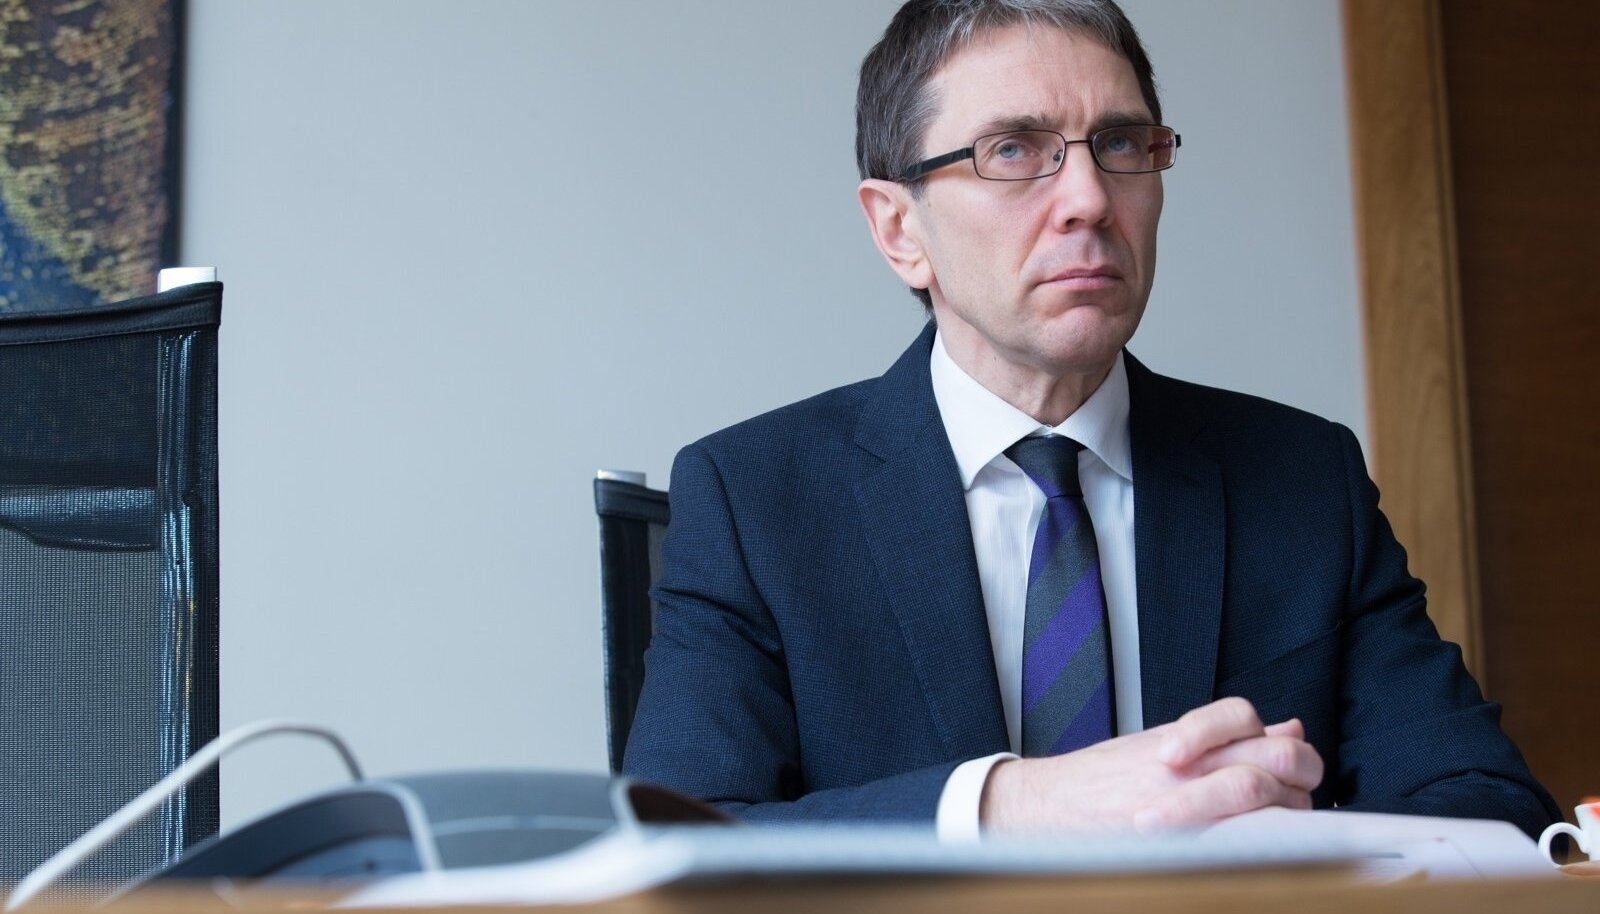 Tõnu Mertsina on Eesti majanduse suhtes varasemast optimistlikum